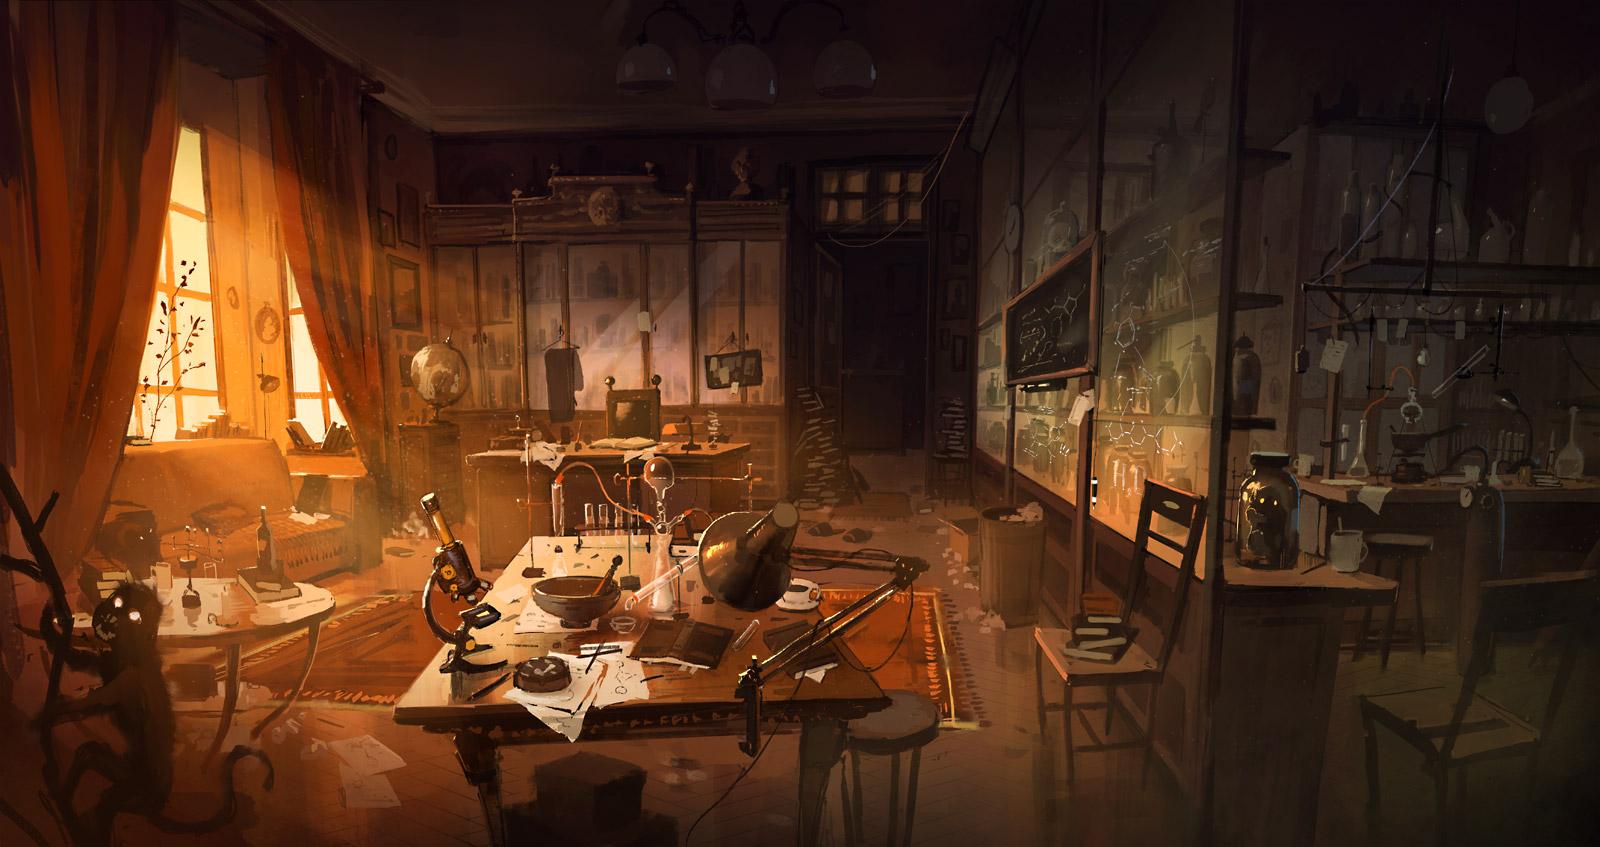 Café Atom [Pv Atom] Study_with_a_laboratory_by_kinnas-d6l81w2